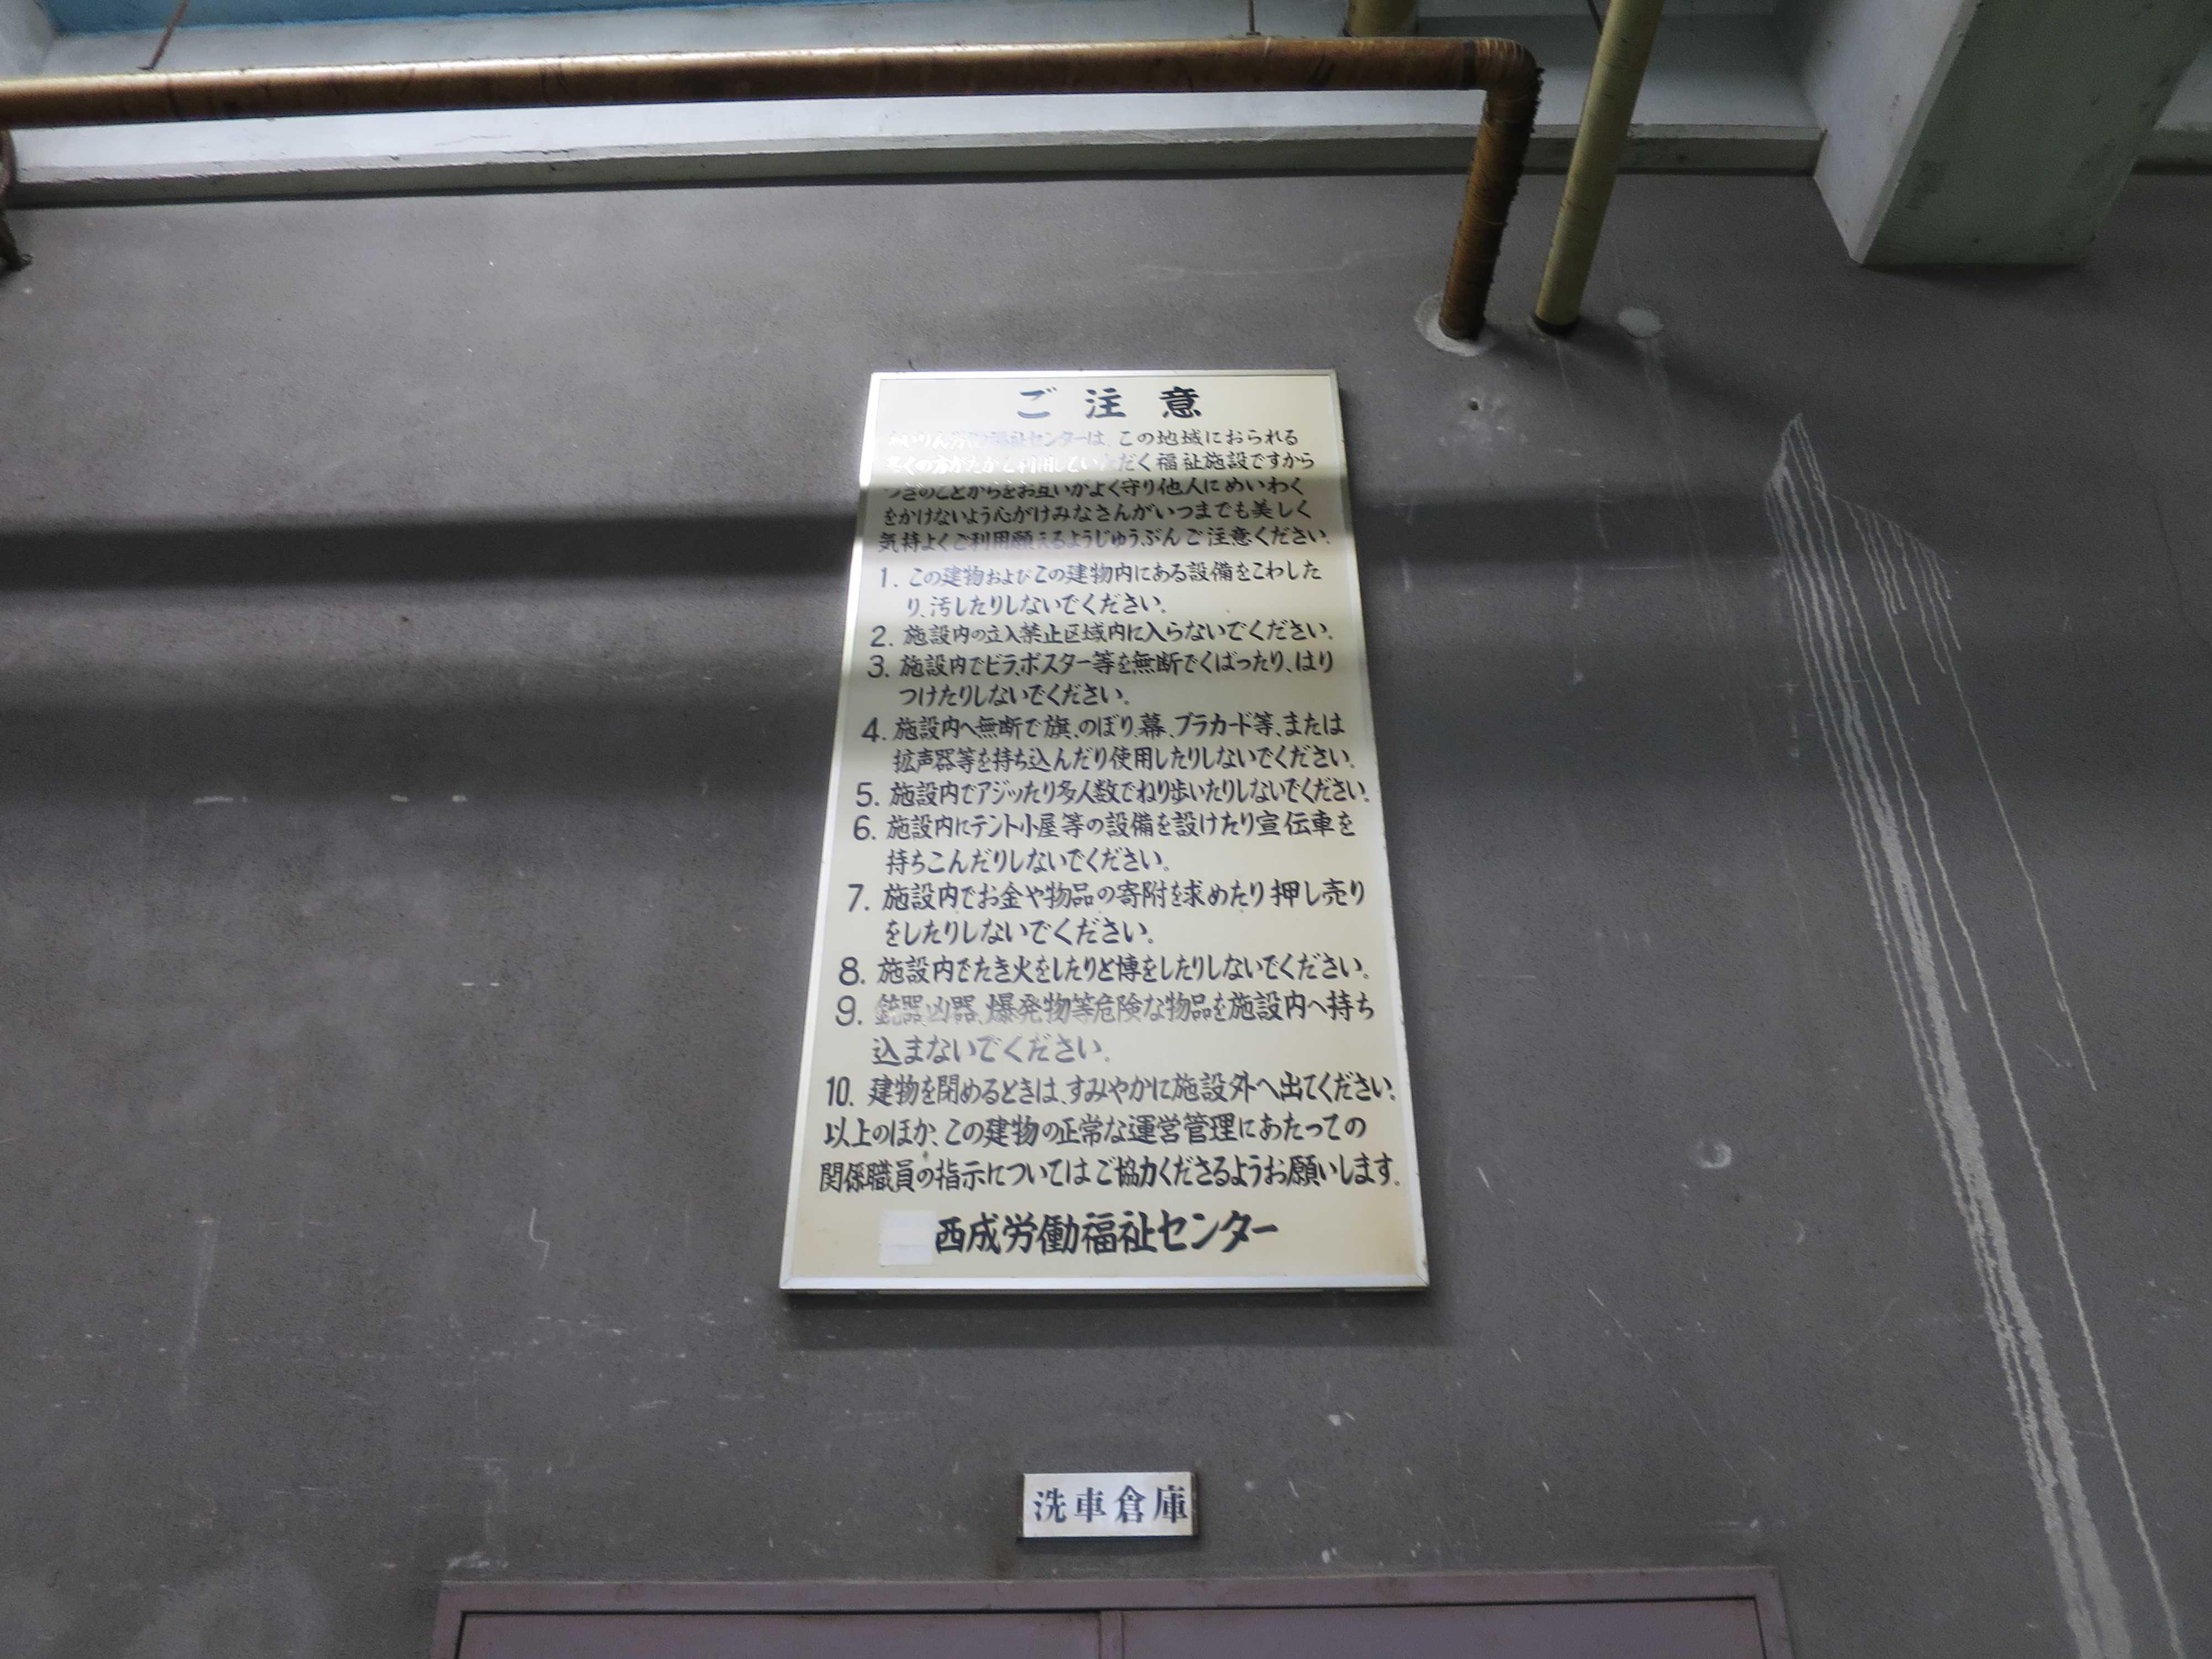 西成労働福祉センター ご注意